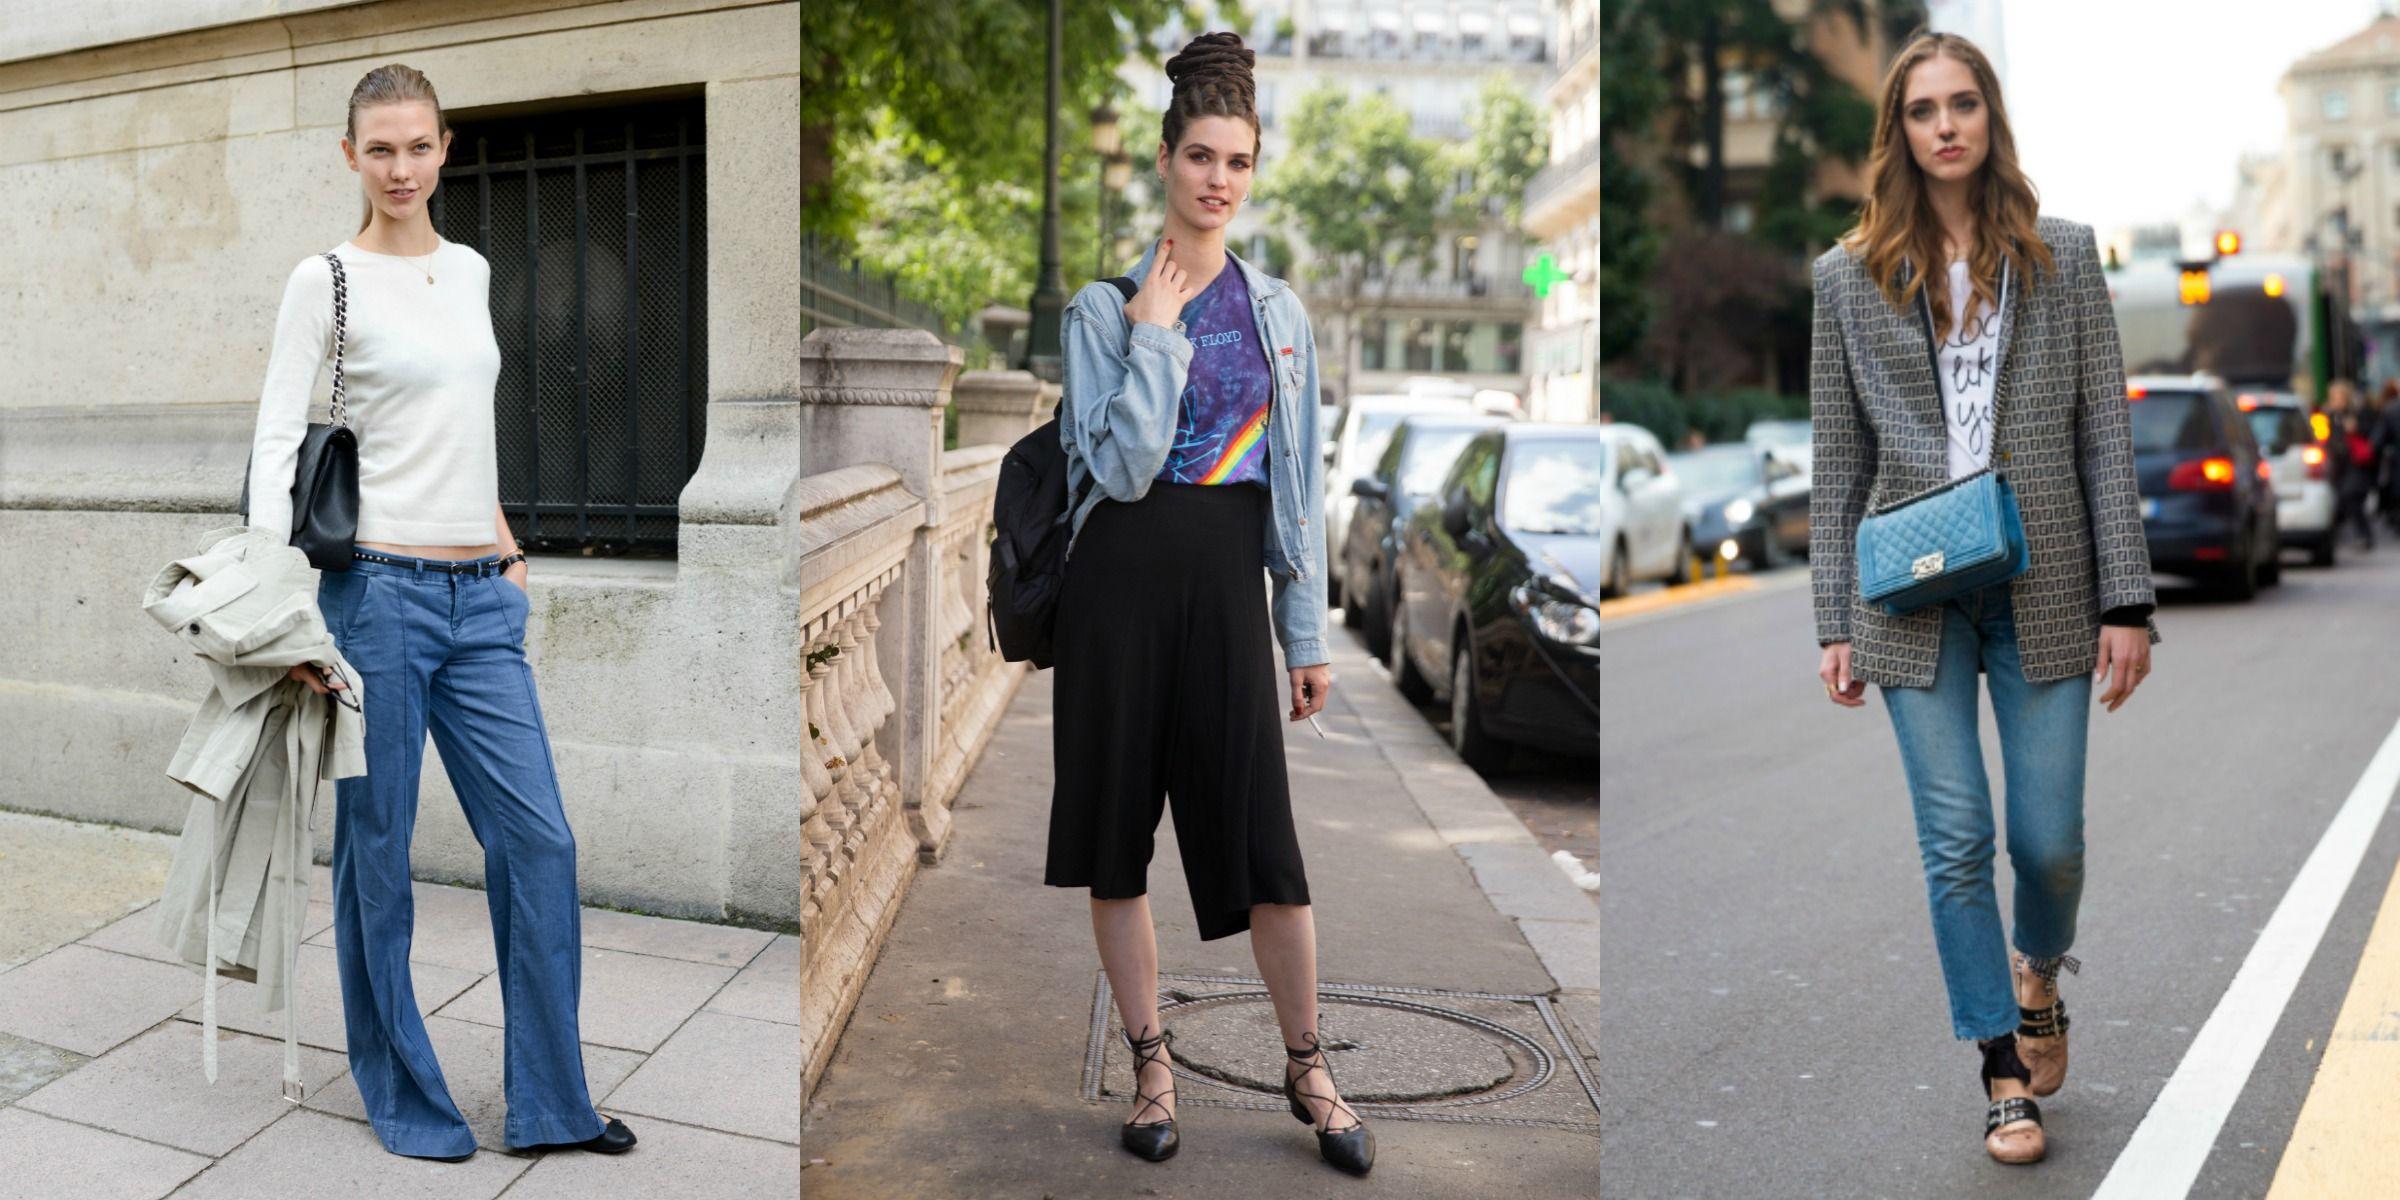 vendita ufficiale nuovo prodotto La migliore vendita del 2019 Come indossare le ballerine: 10 dritte per uno stile al top